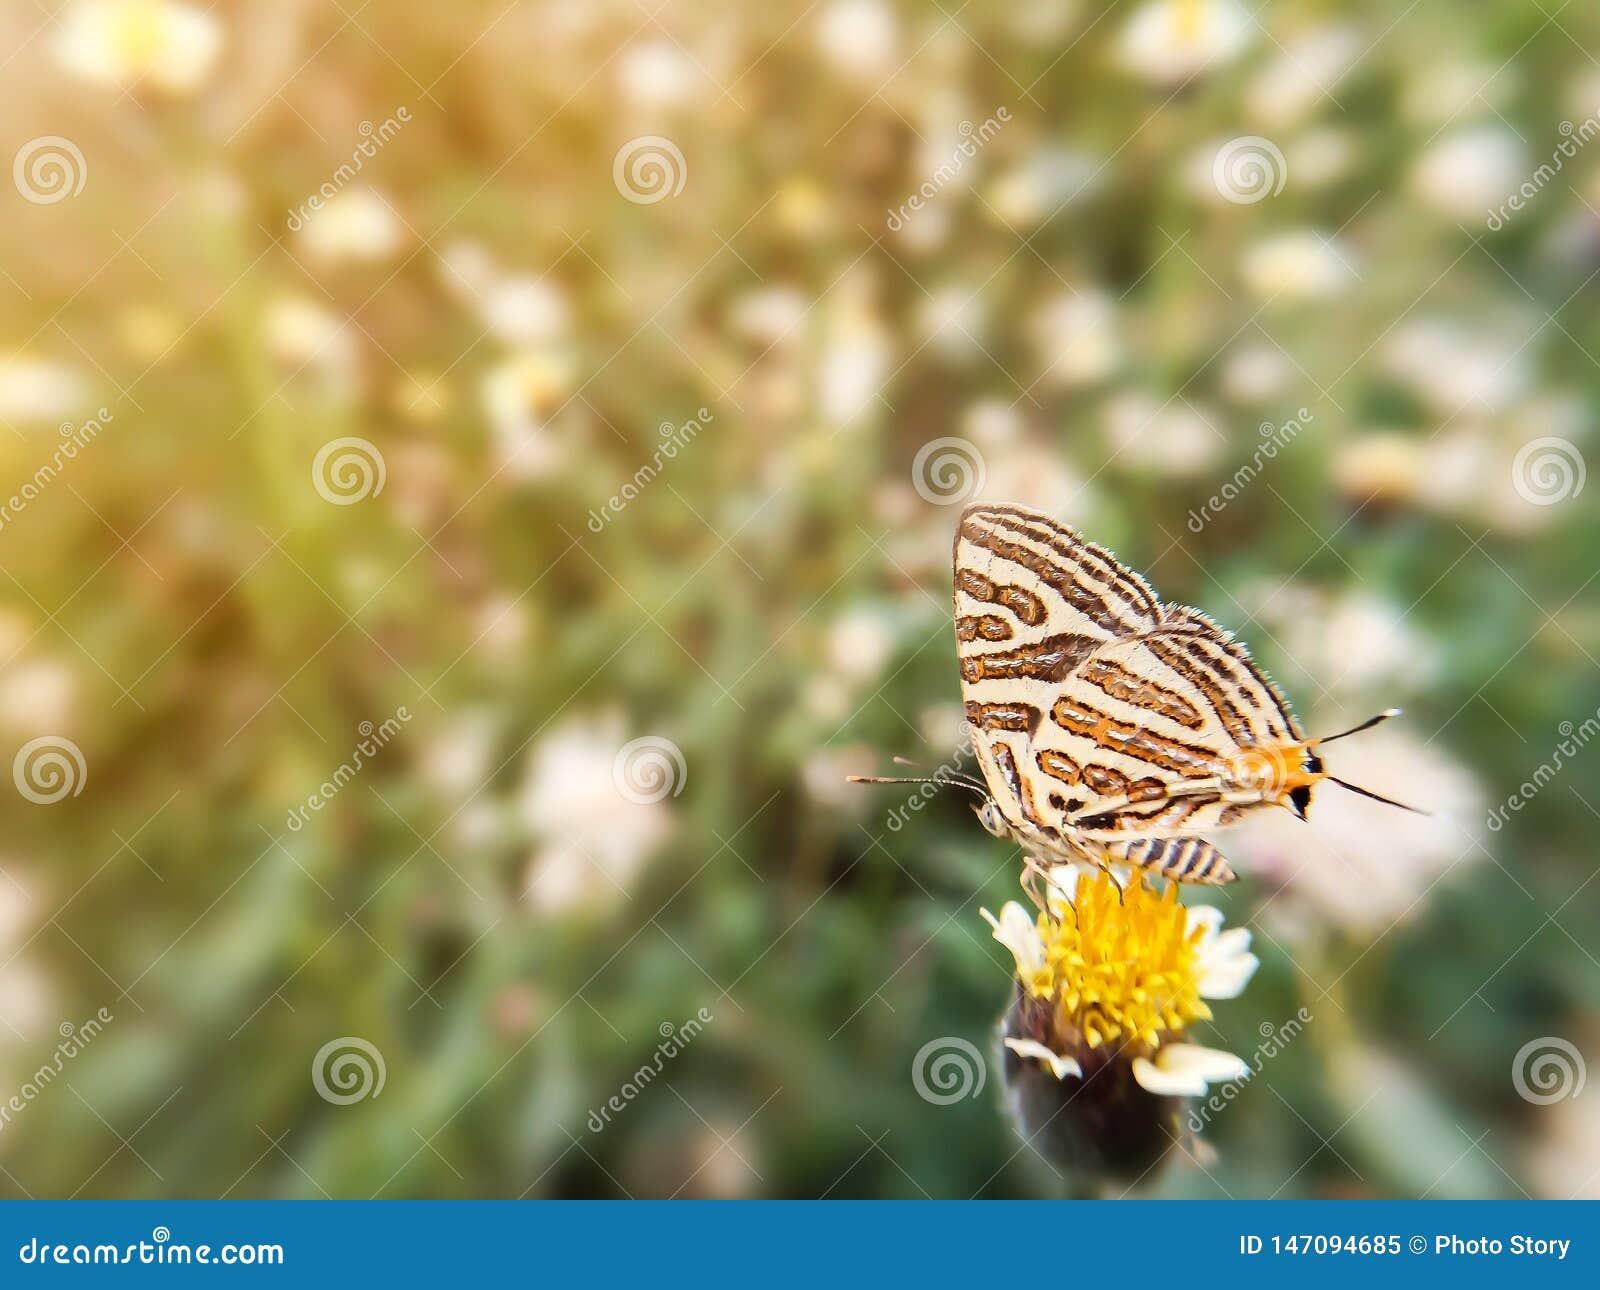 Mooie vlinder op bloemgras en zonlicht tijdens de dag Vage beeld natuurlijke achtergrond